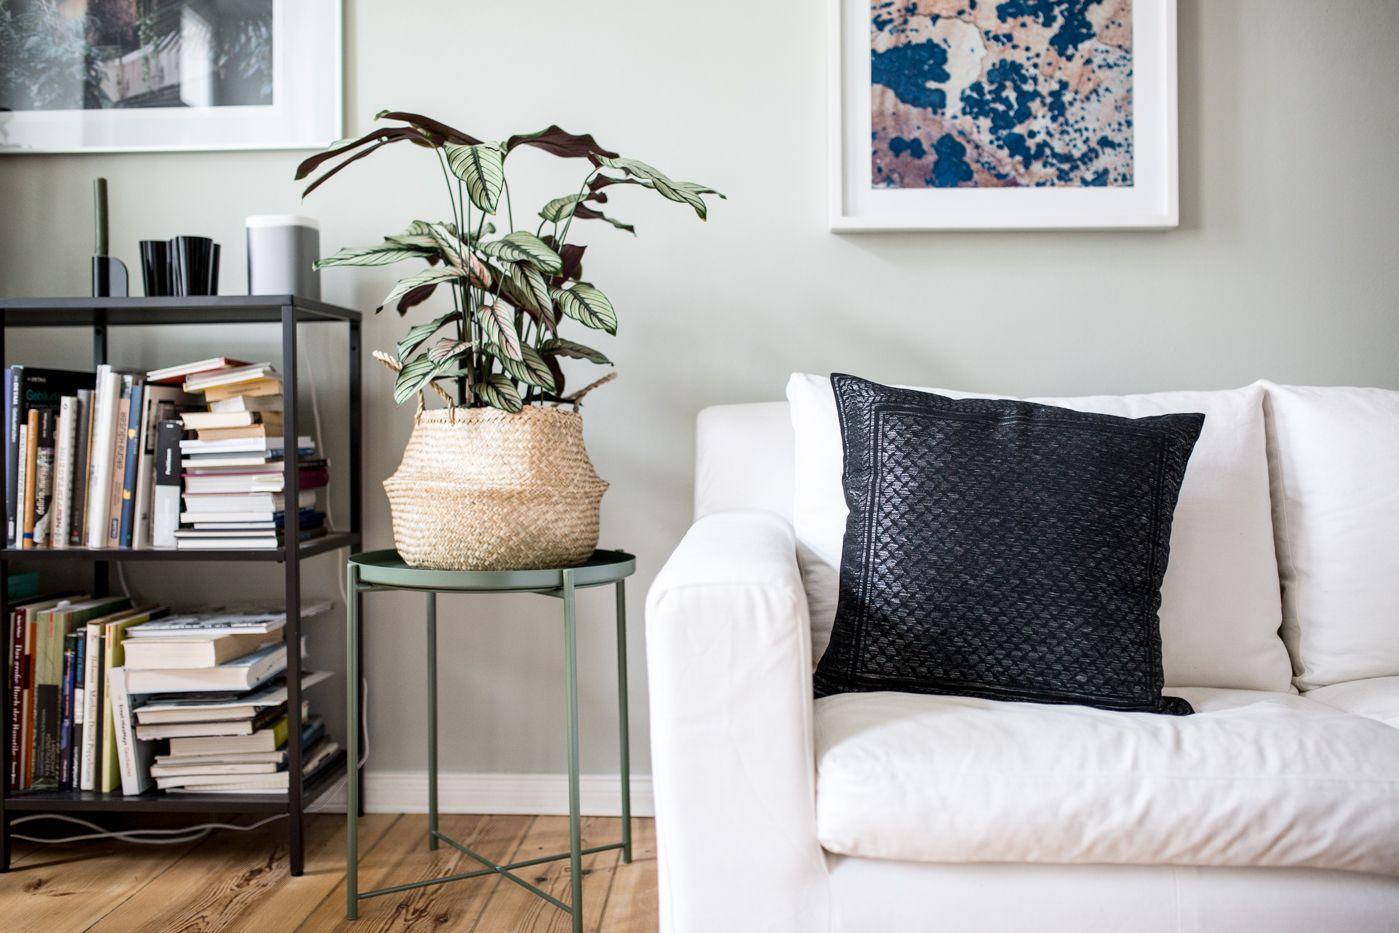 Wohndesign innenraum lala berlin x herzundblut  wohnzimmer flure und einrichten und wohnen